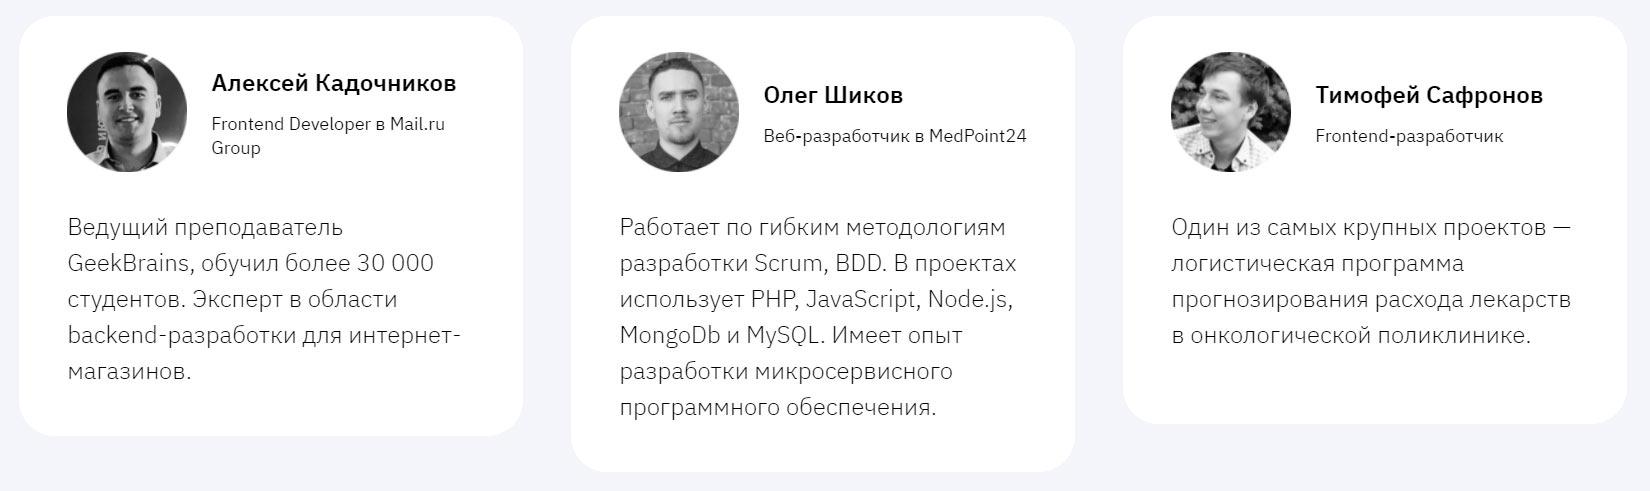 Преподаватели факультета frontend-разработки от Geekbrains